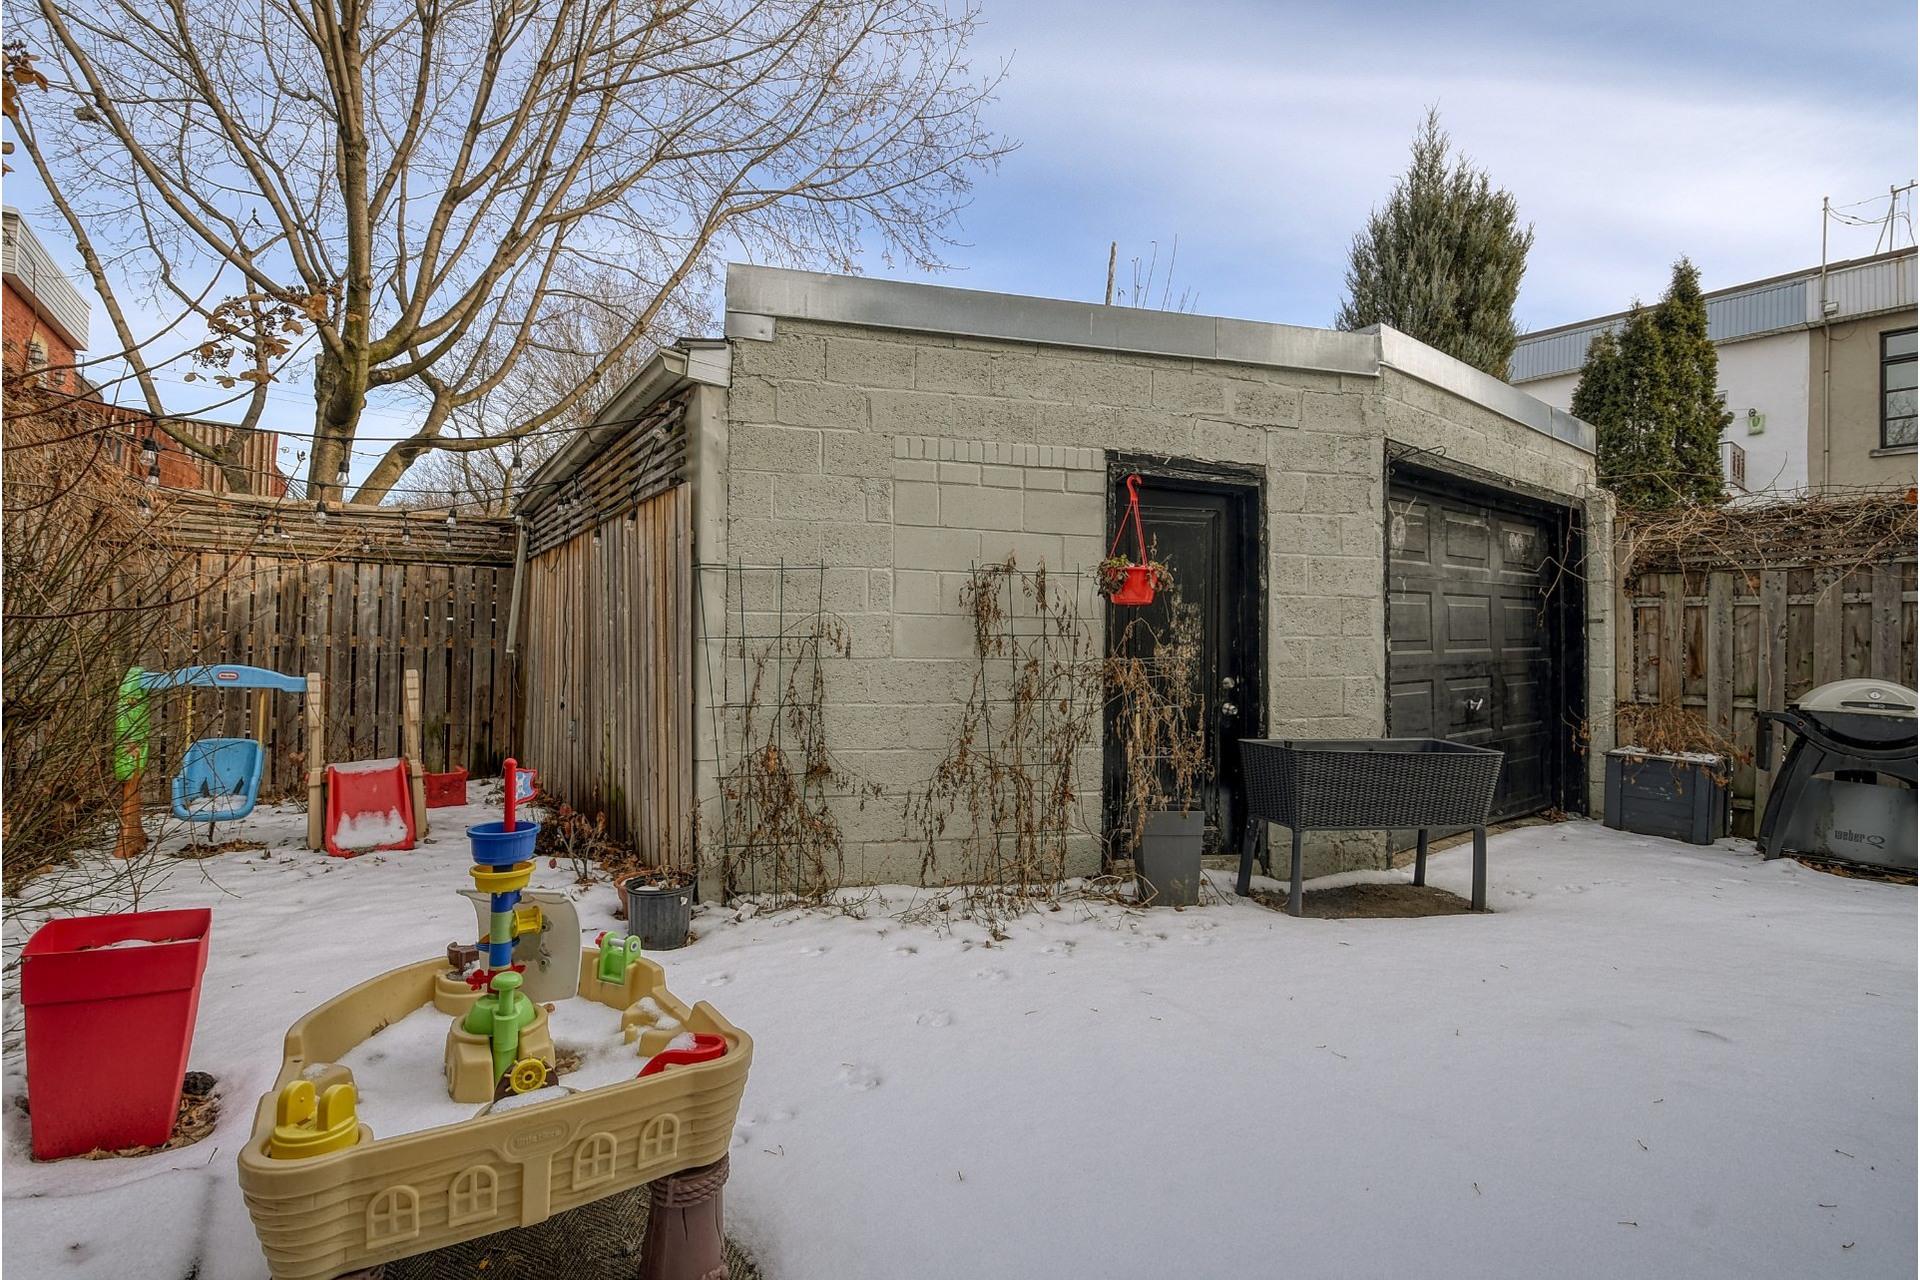 image 22 - Duplex À vendre Le Sud-Ouest Montréal  - 5 pièces